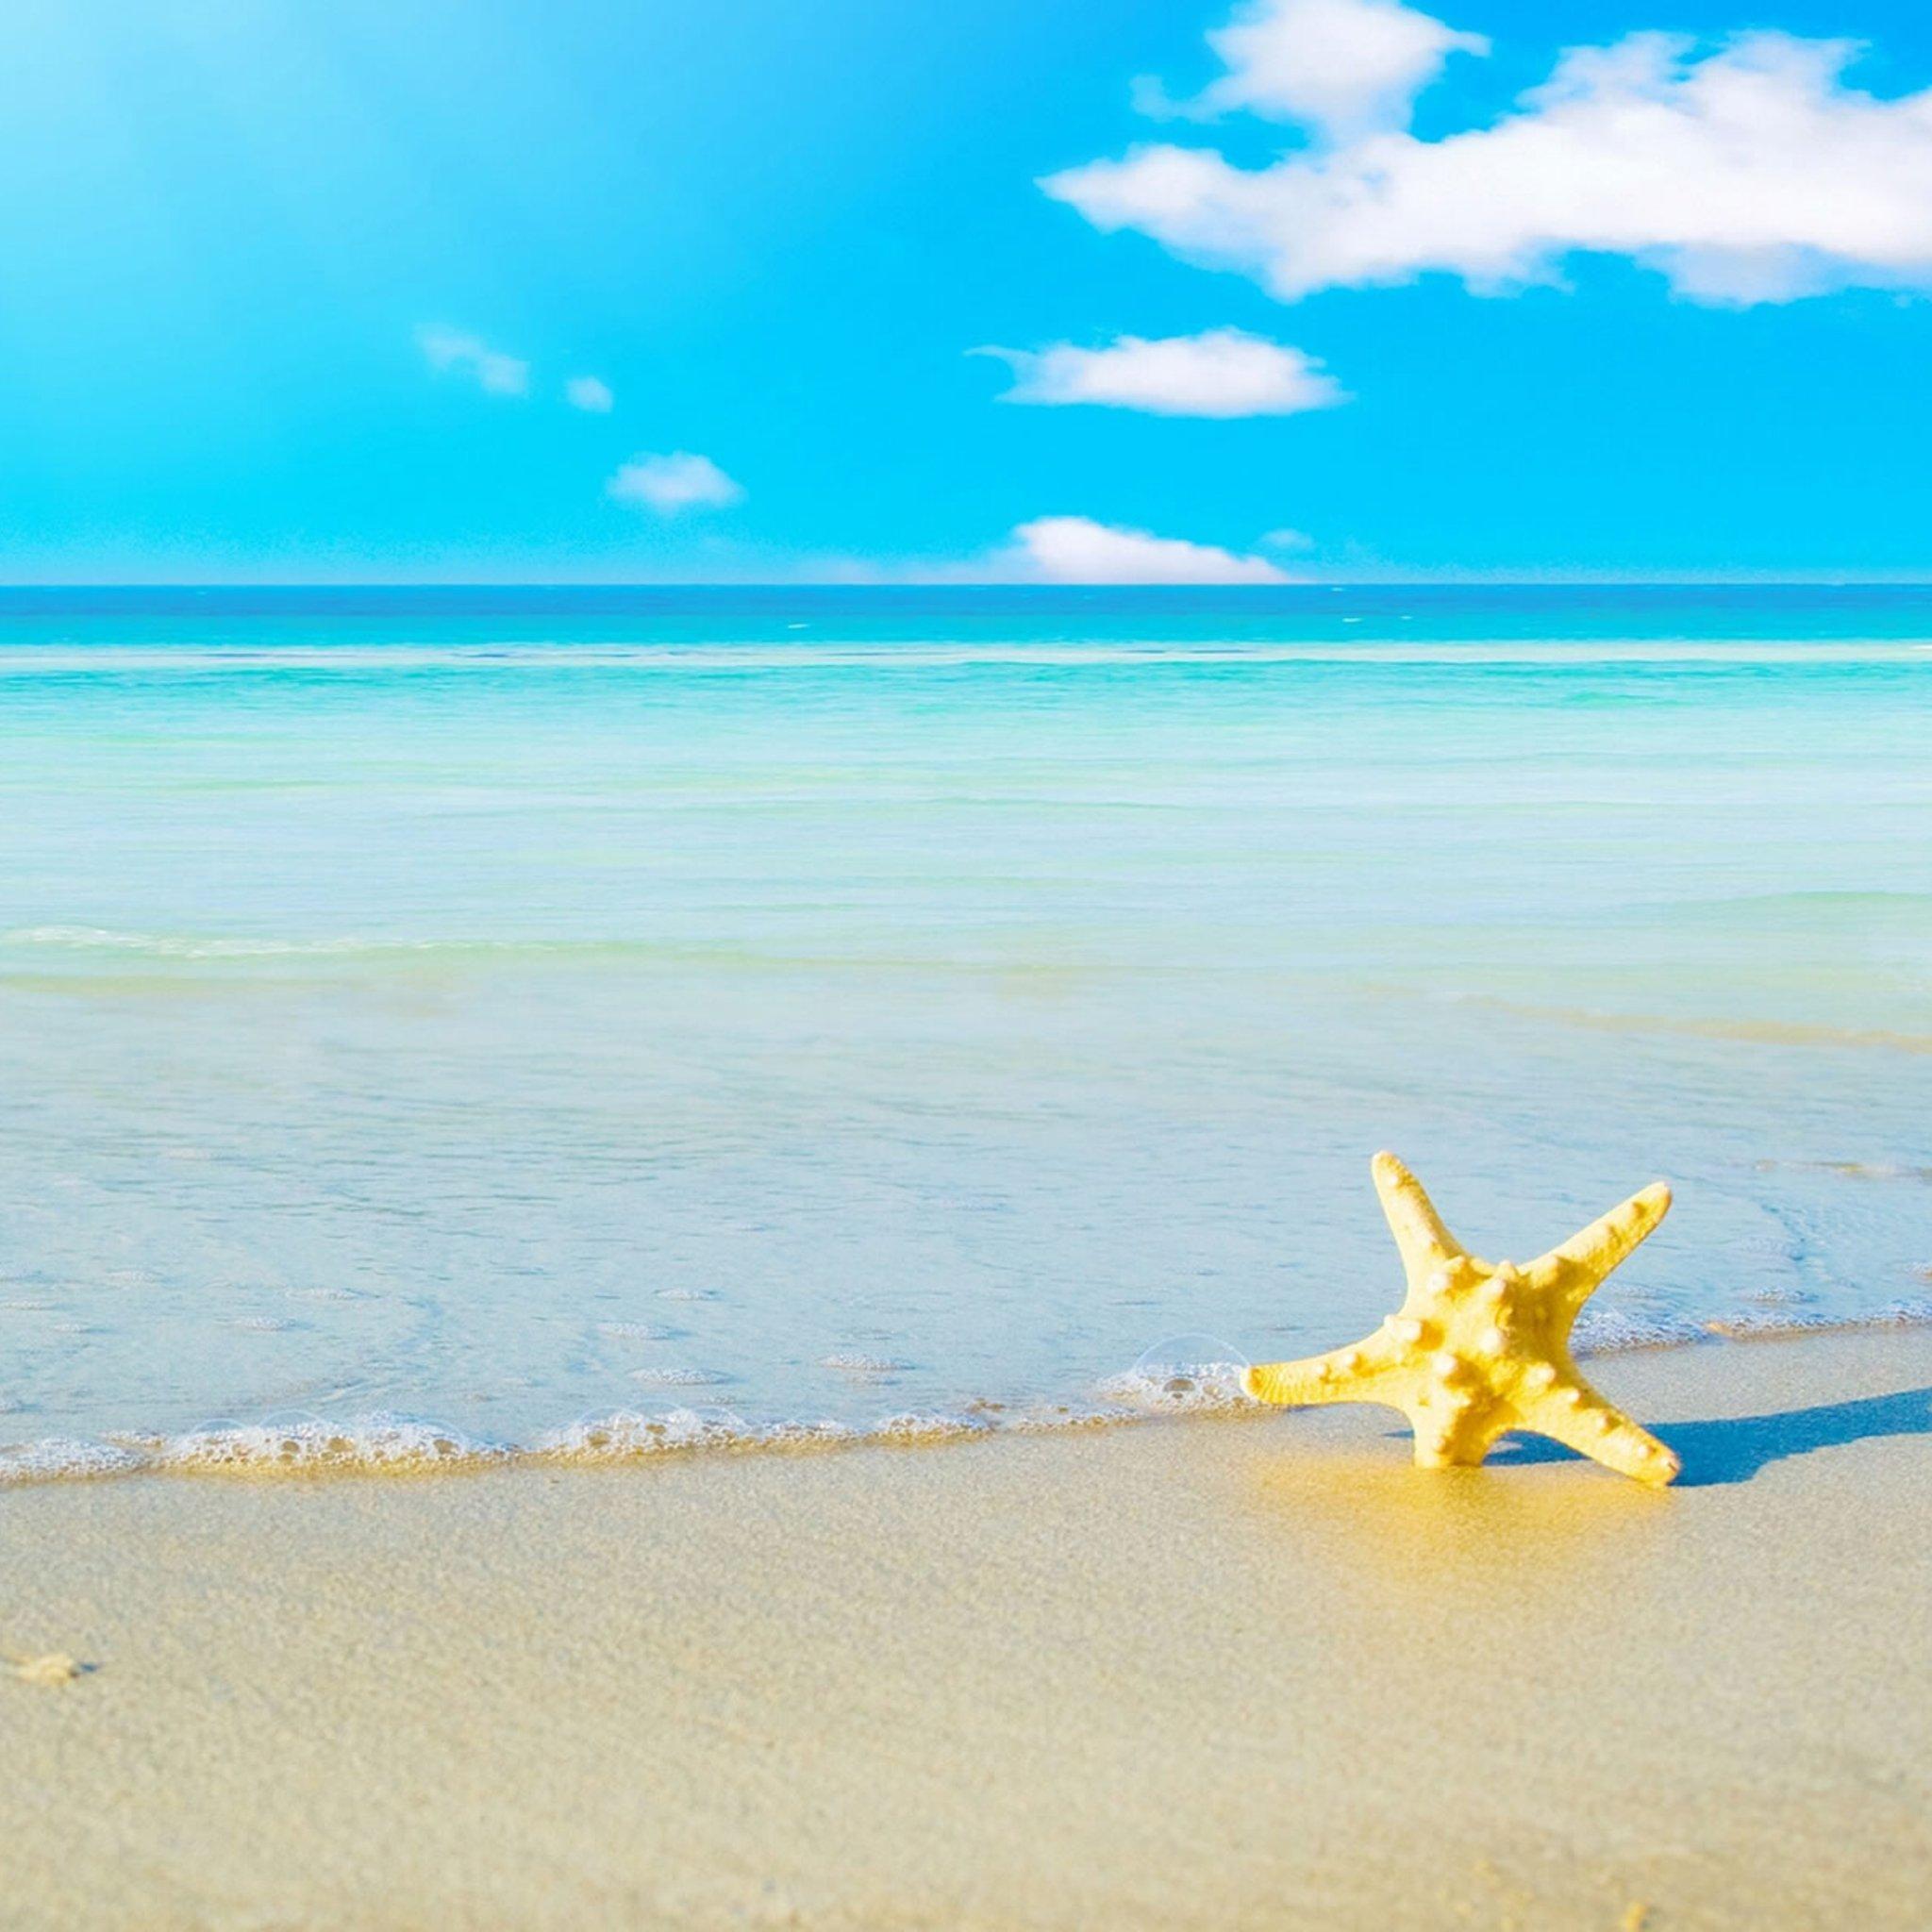 Hd wallpaper ipad - Hd Wallpaper Beach And A Starfish Ipad Help For Ipad Ipad Air Ipad